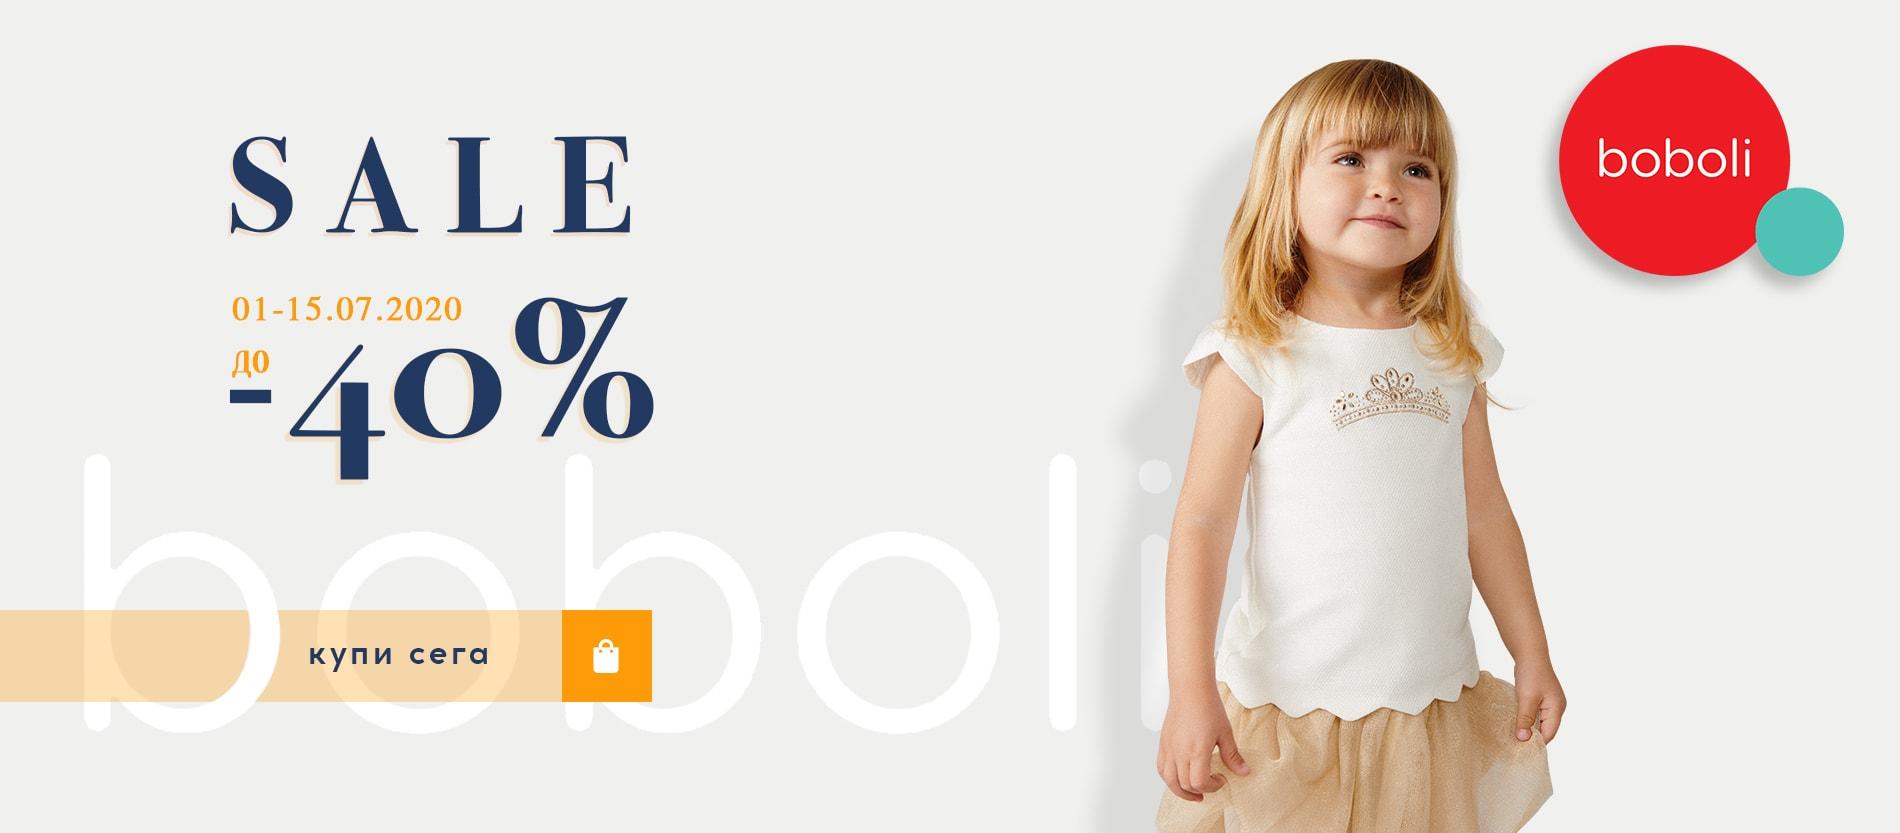 Грабни намалените продукти от колекция 2020 година на Boboli преди старта на лятото ! До -40% те очаква с безплатна доставка над 80.00лв